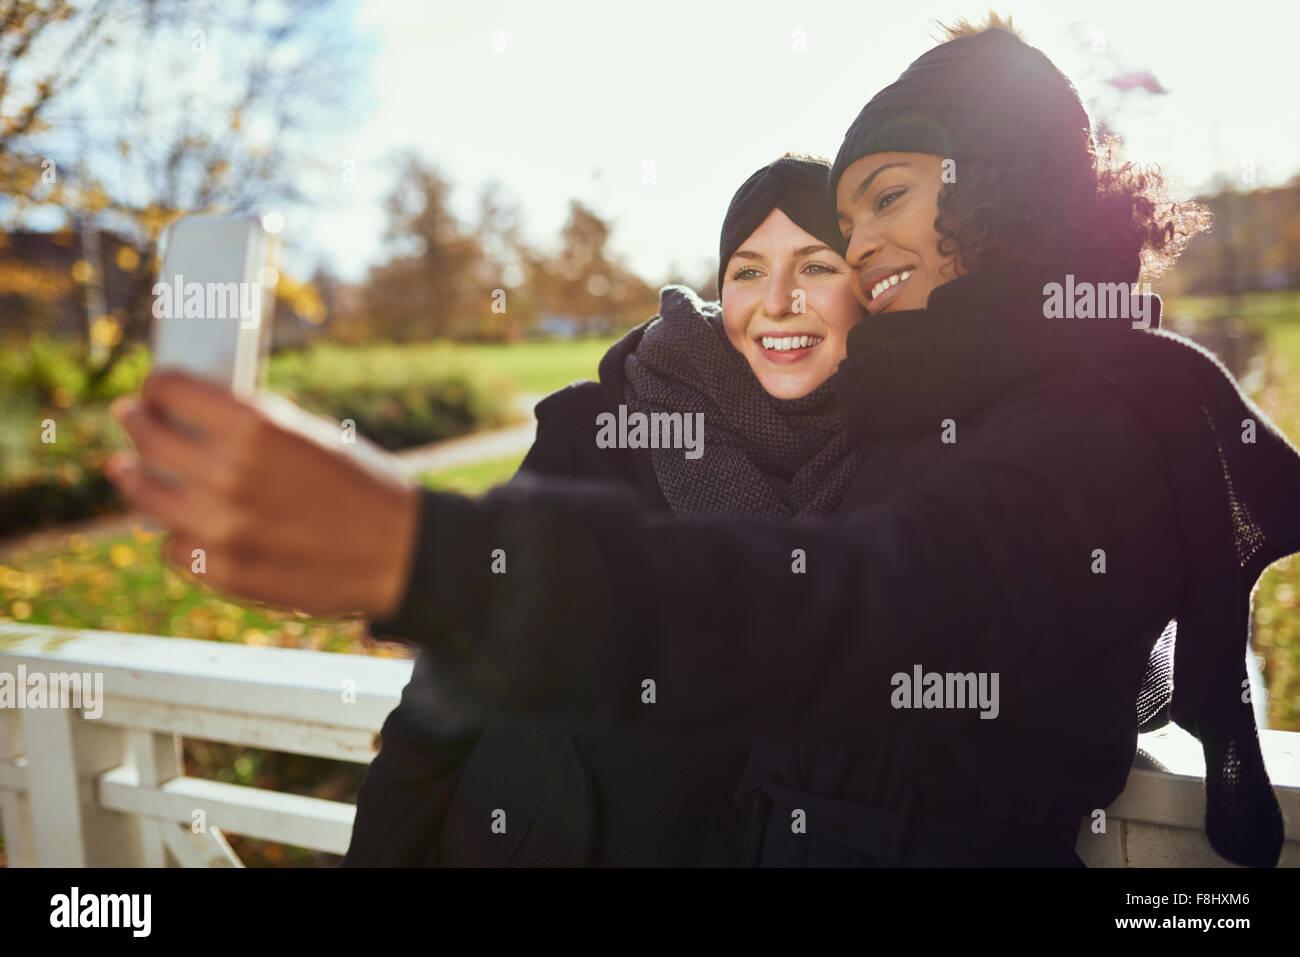 Dos sonriente joven mujer en ropa de abrigo teniendo selfie contra del parque otoñal Imagen De Stock